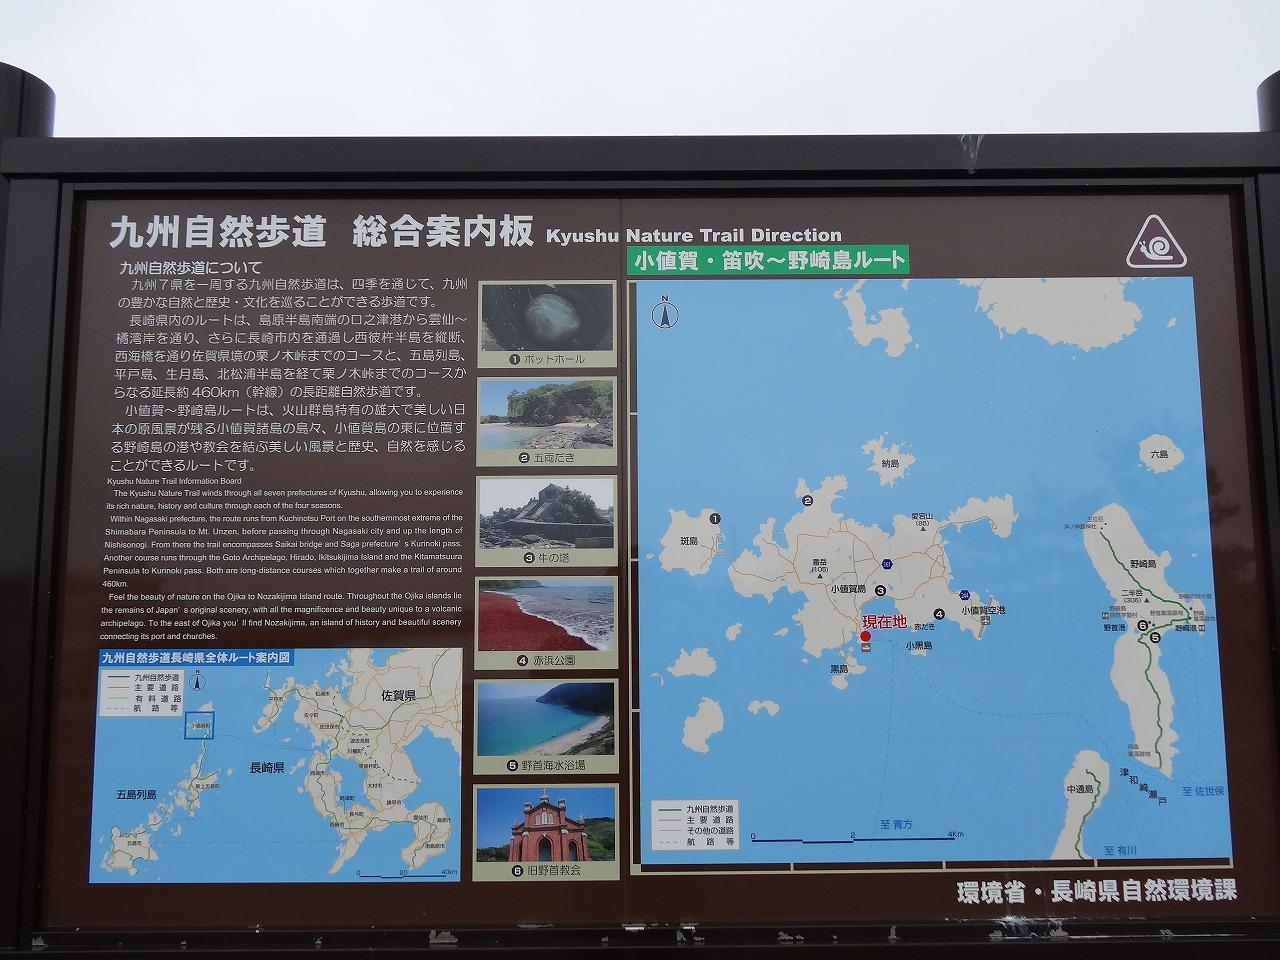 五島列島(1) 小値賀島を歩く: 道しるべ-自然歩道を行く